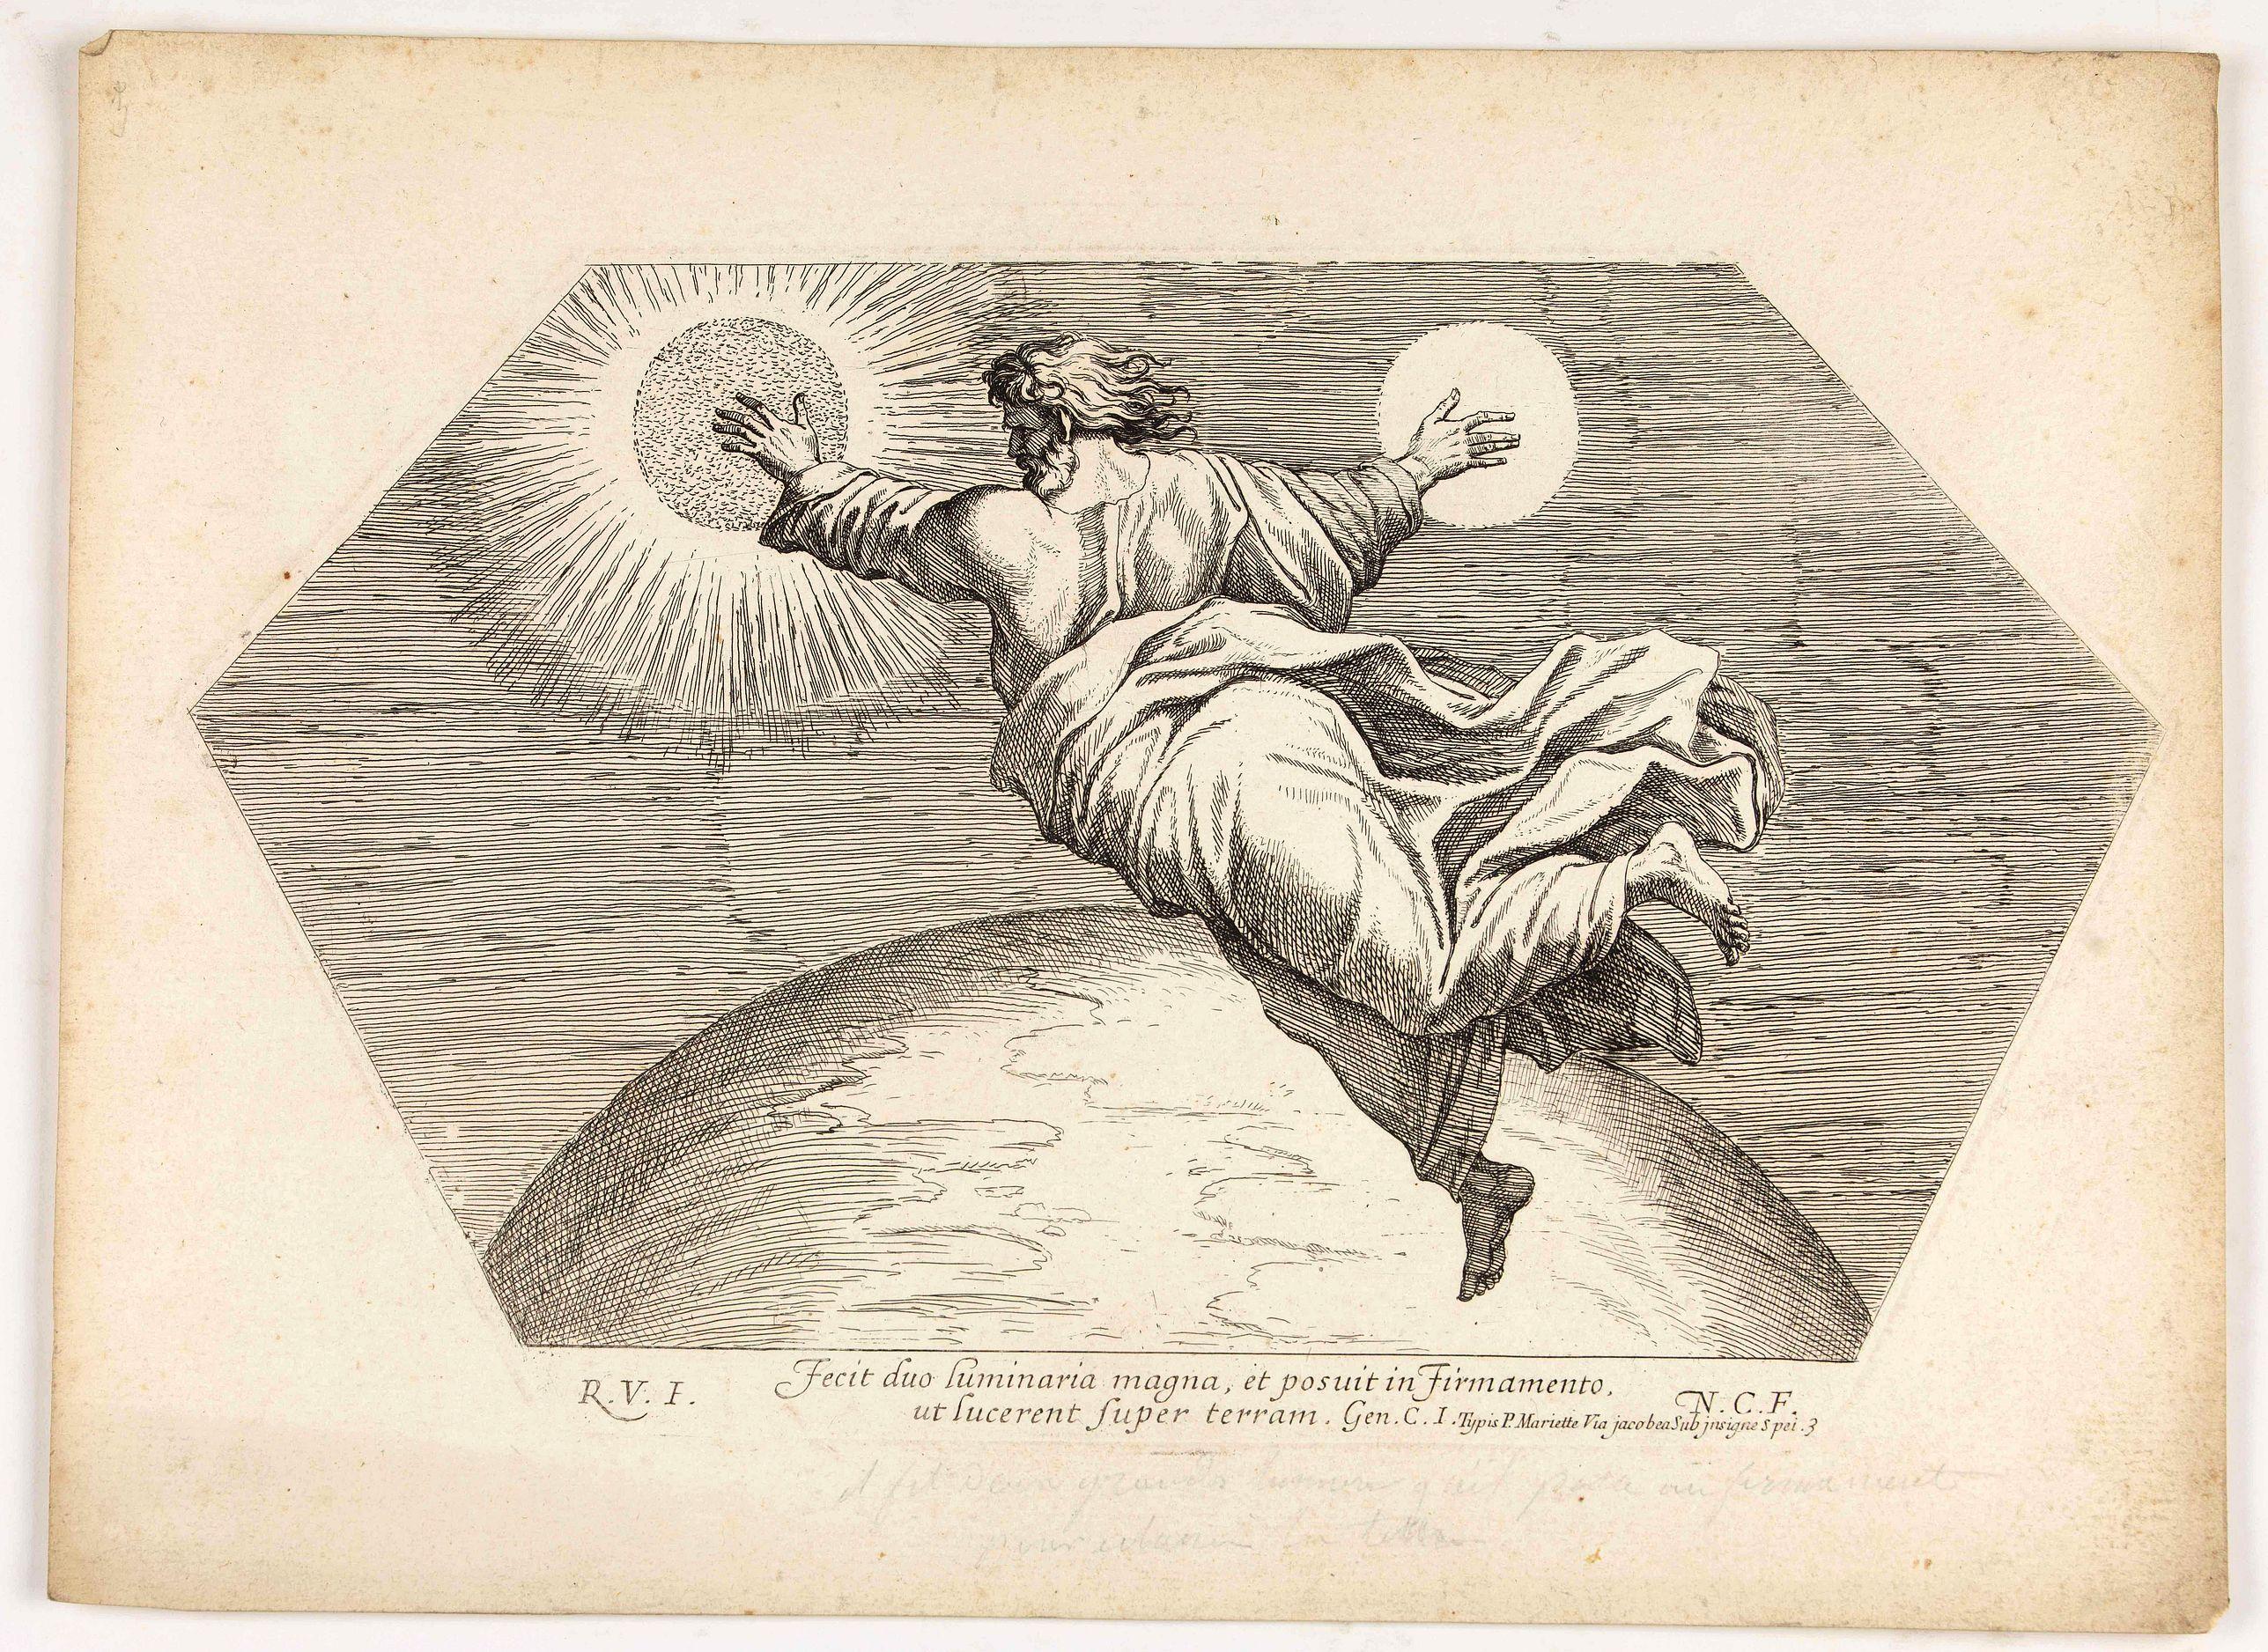 CHAPRON, N. -  Fecit duo luminaria magna, et posuit in firmamento, ut lucerent super terram. . . . (Plate 3)